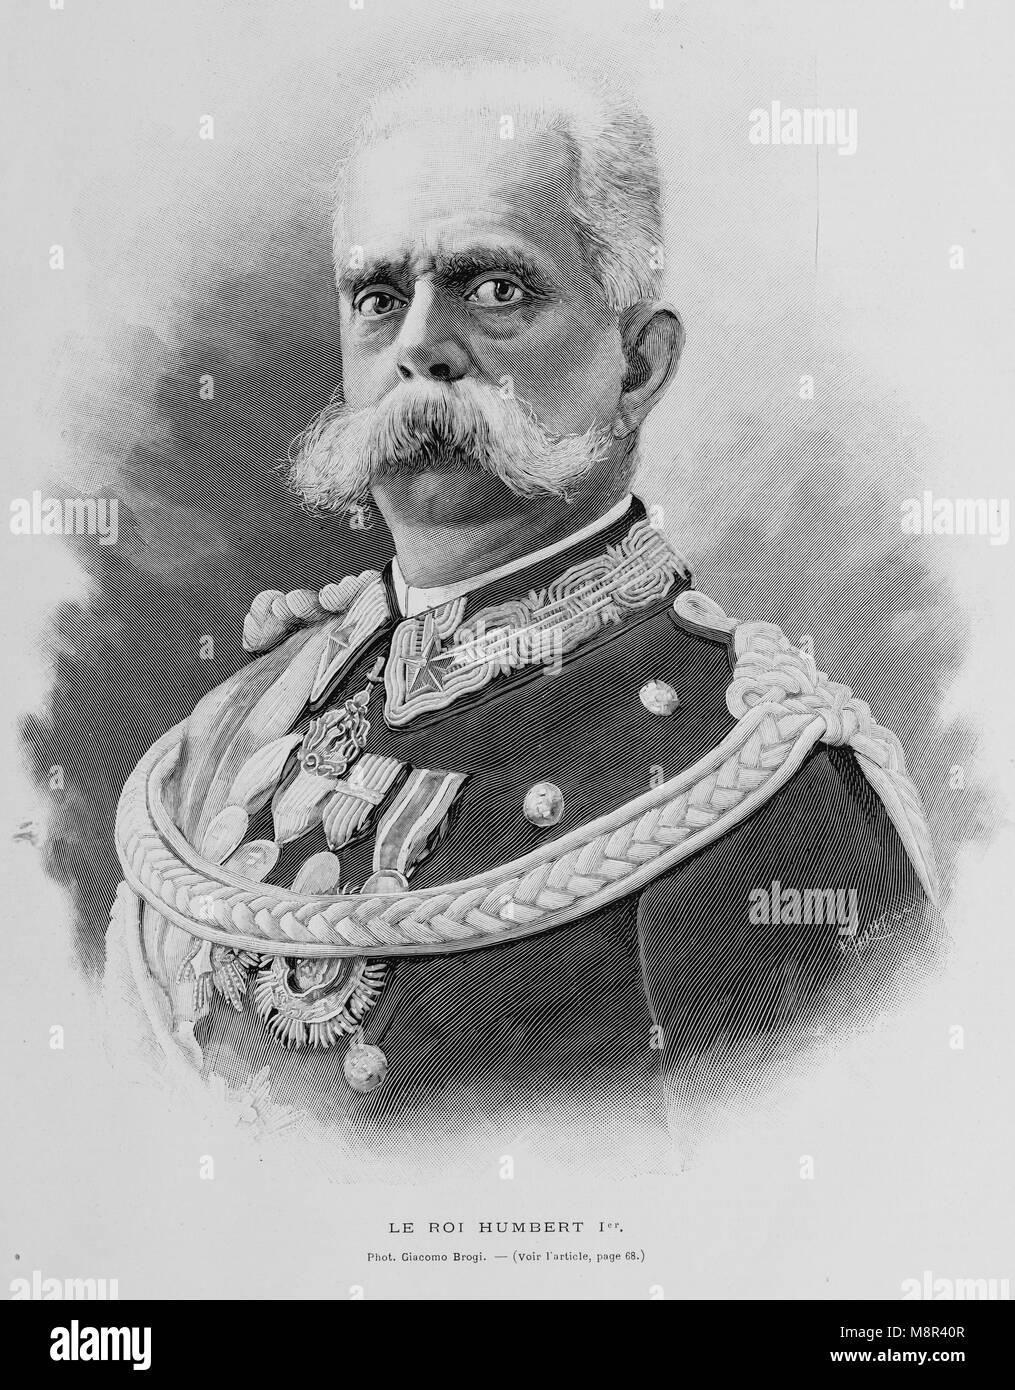 Re Humberto I d'Italia prima del suo assassinio, immagine dal settimanale francese quotidiano l'illustrazione, Immagini Stock